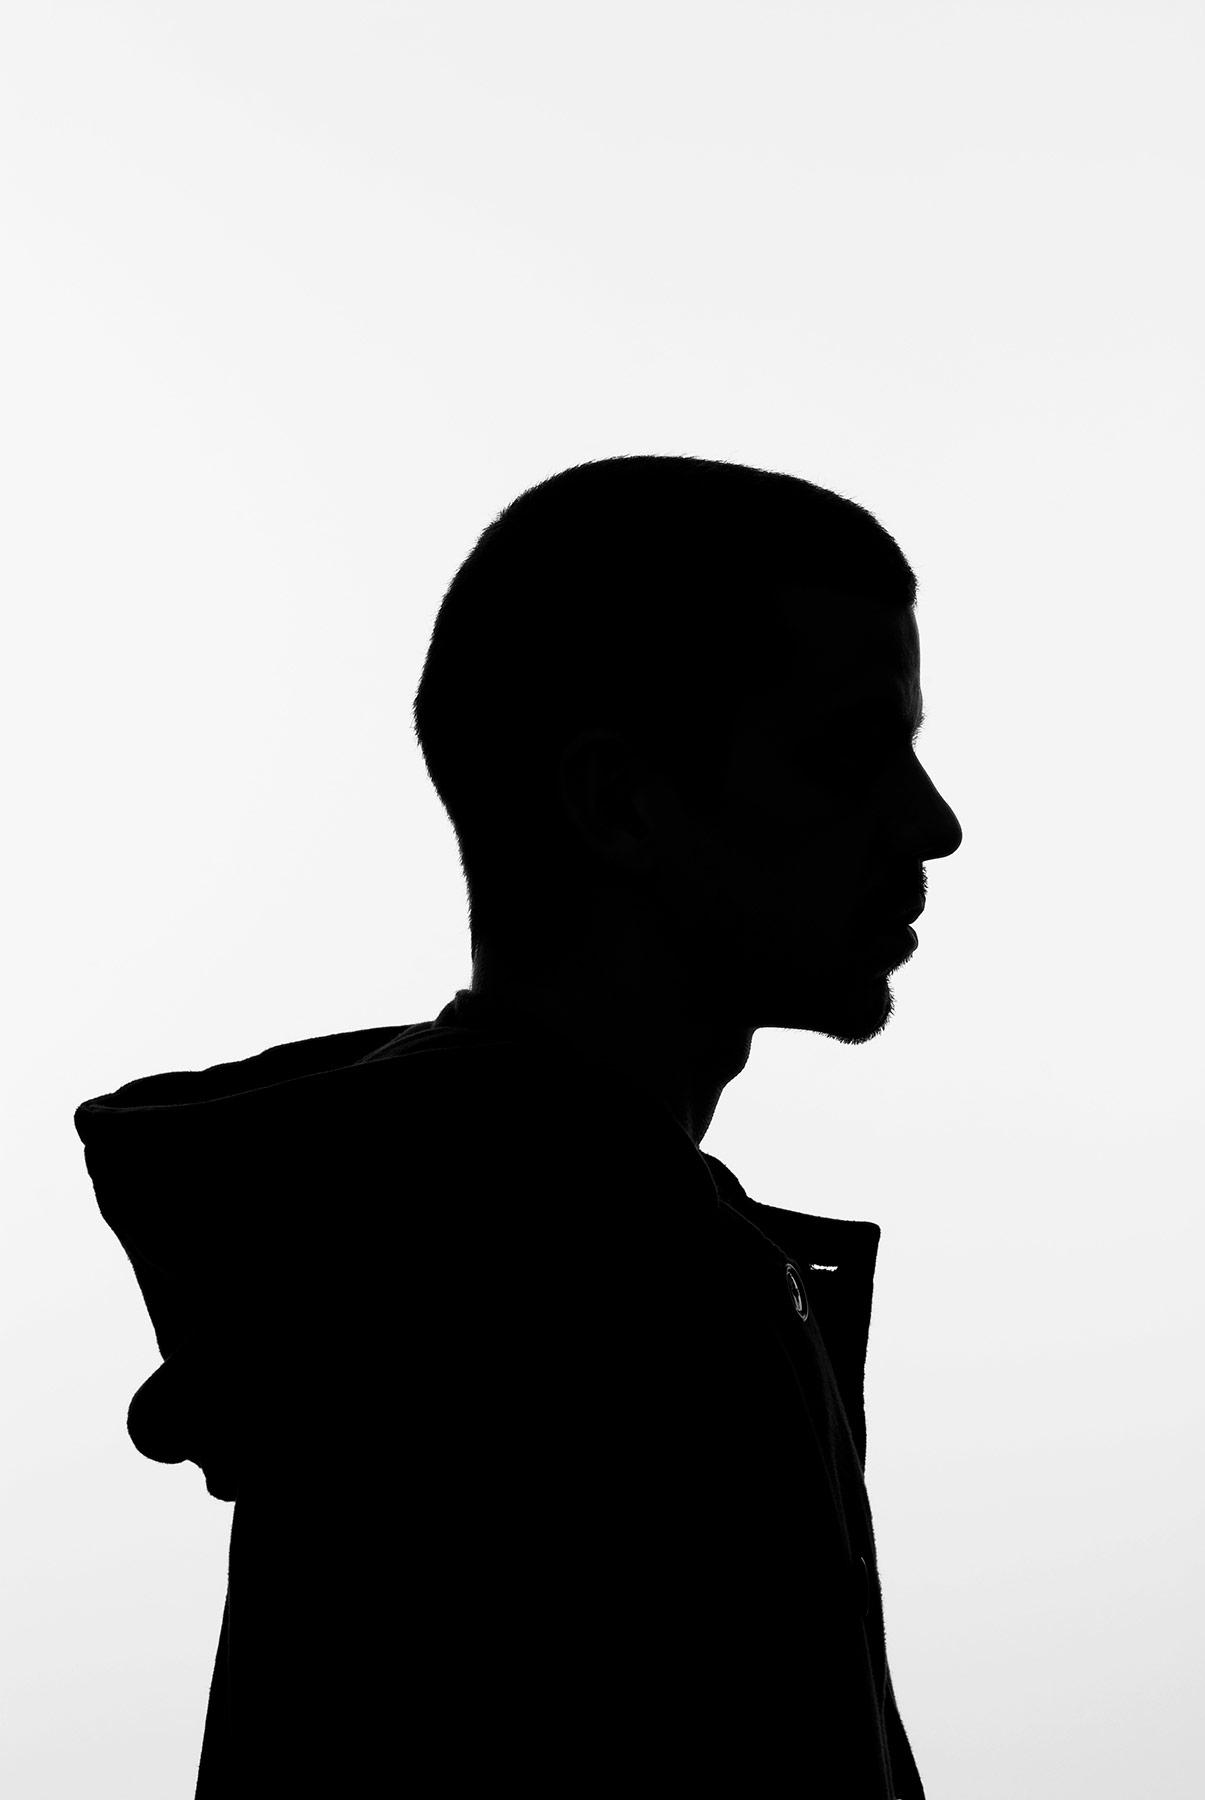 Silueta#13, 2010. Fotografía, impresión giclée. 55 x 36 cm.